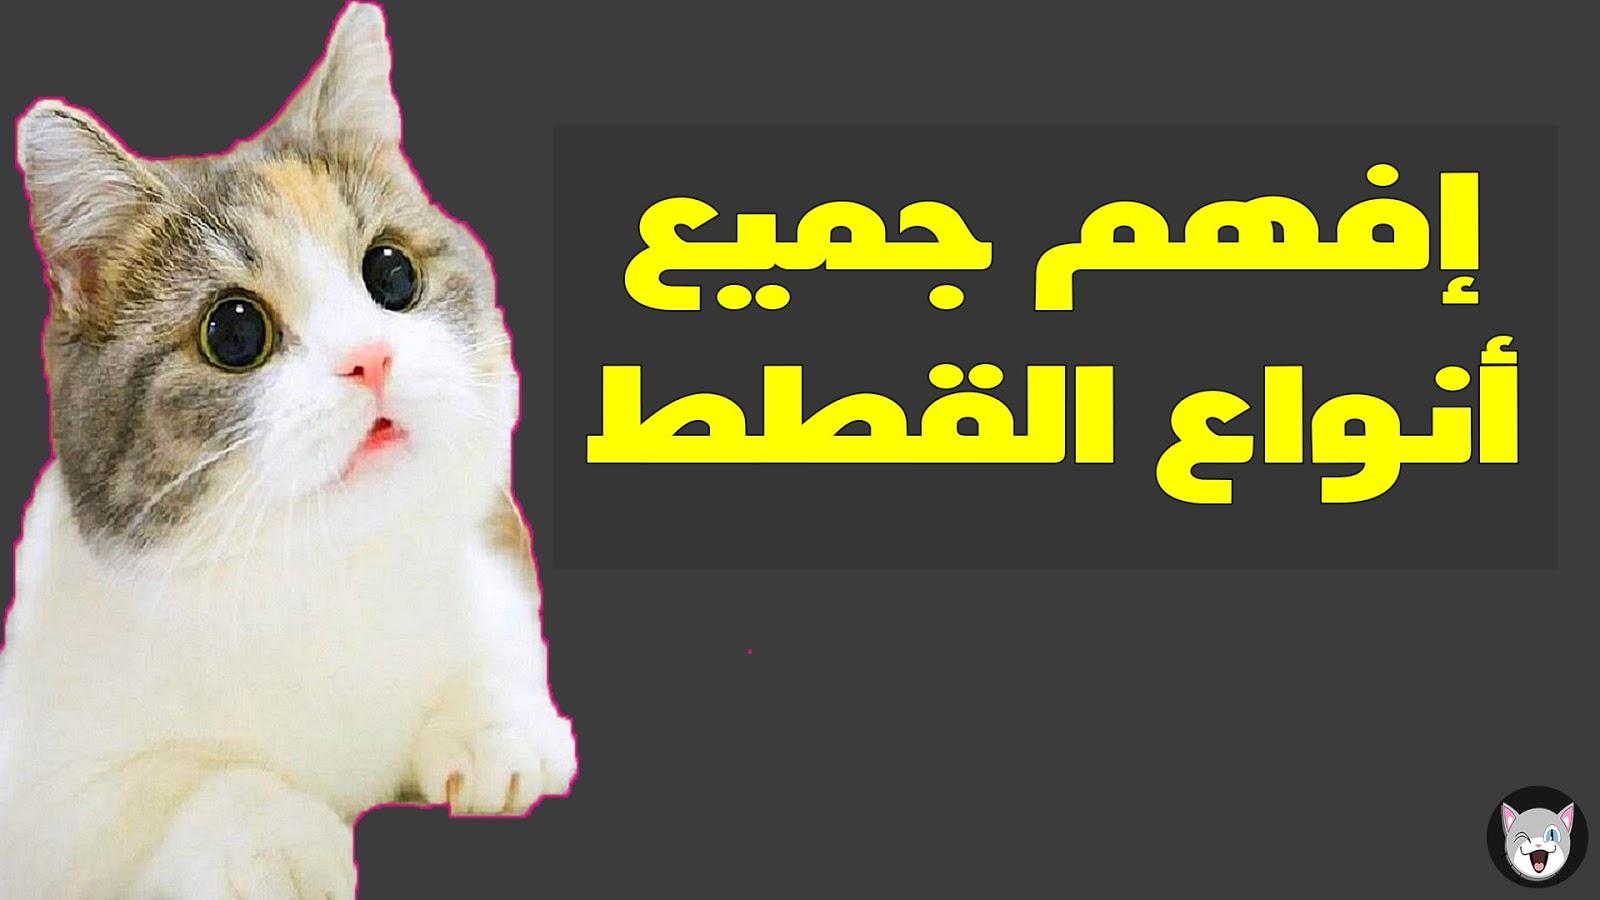 تعلم لغة القطط من خلال فهم أصواتها